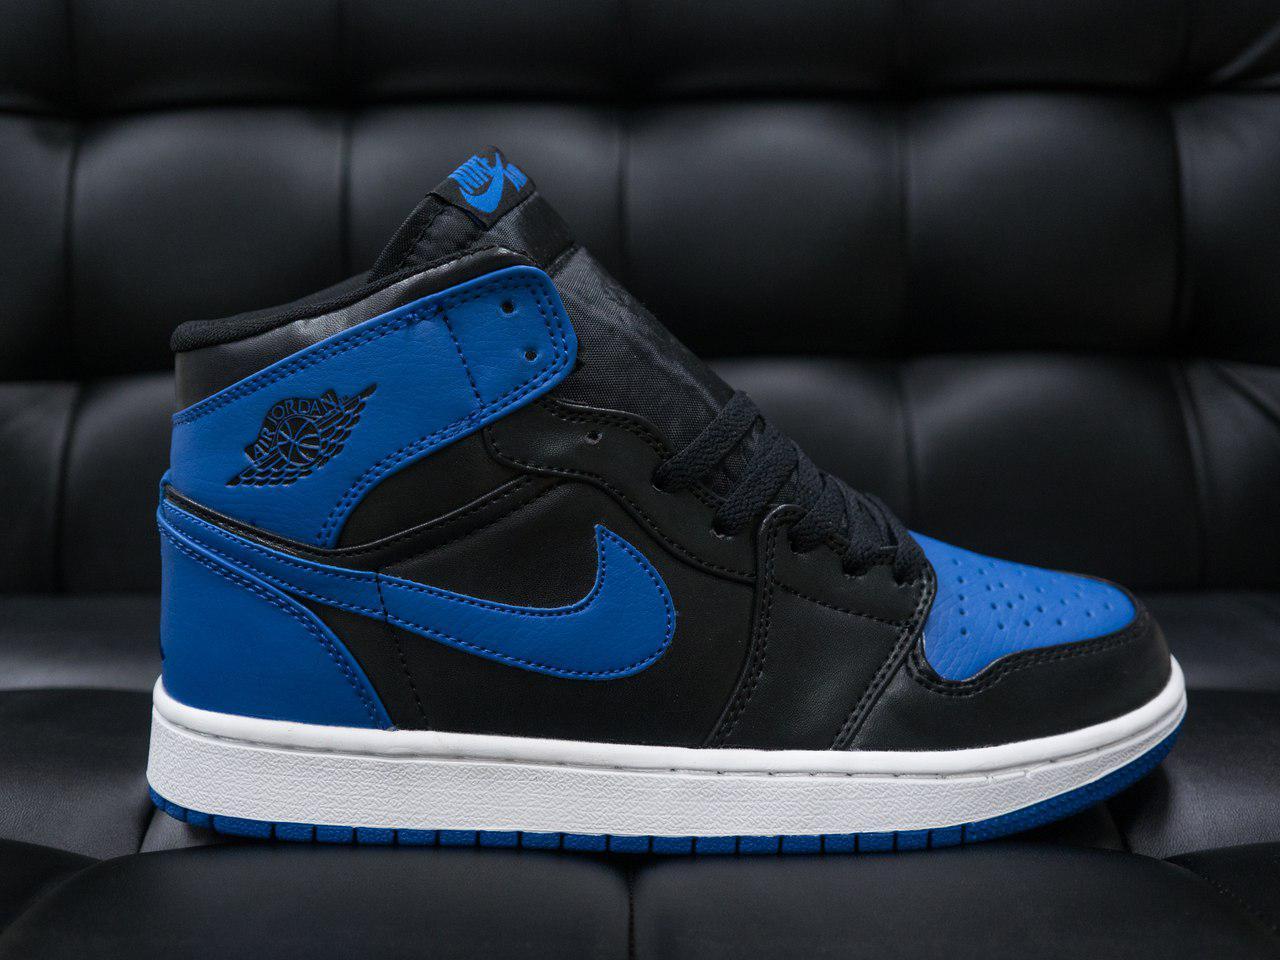 c3bd15244dd2 Мужские кроссовки Nike Air Jordan Retro (в стиле Найк Аир Джордан)  черно-синие